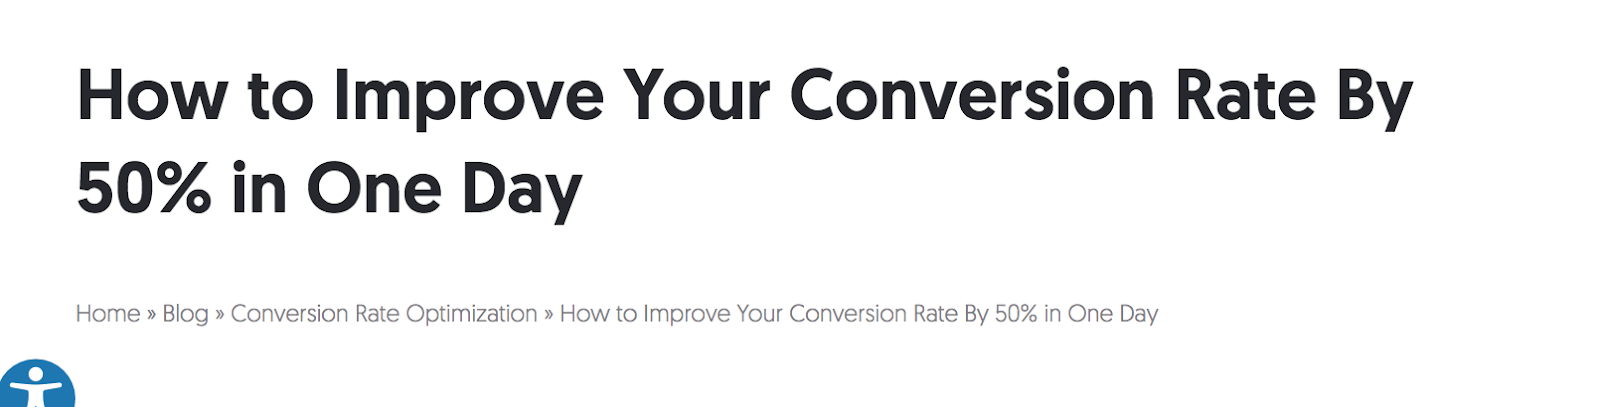 Comment améliorer votre taux de conversion de 50% en un exemple d'article de blog en une journée